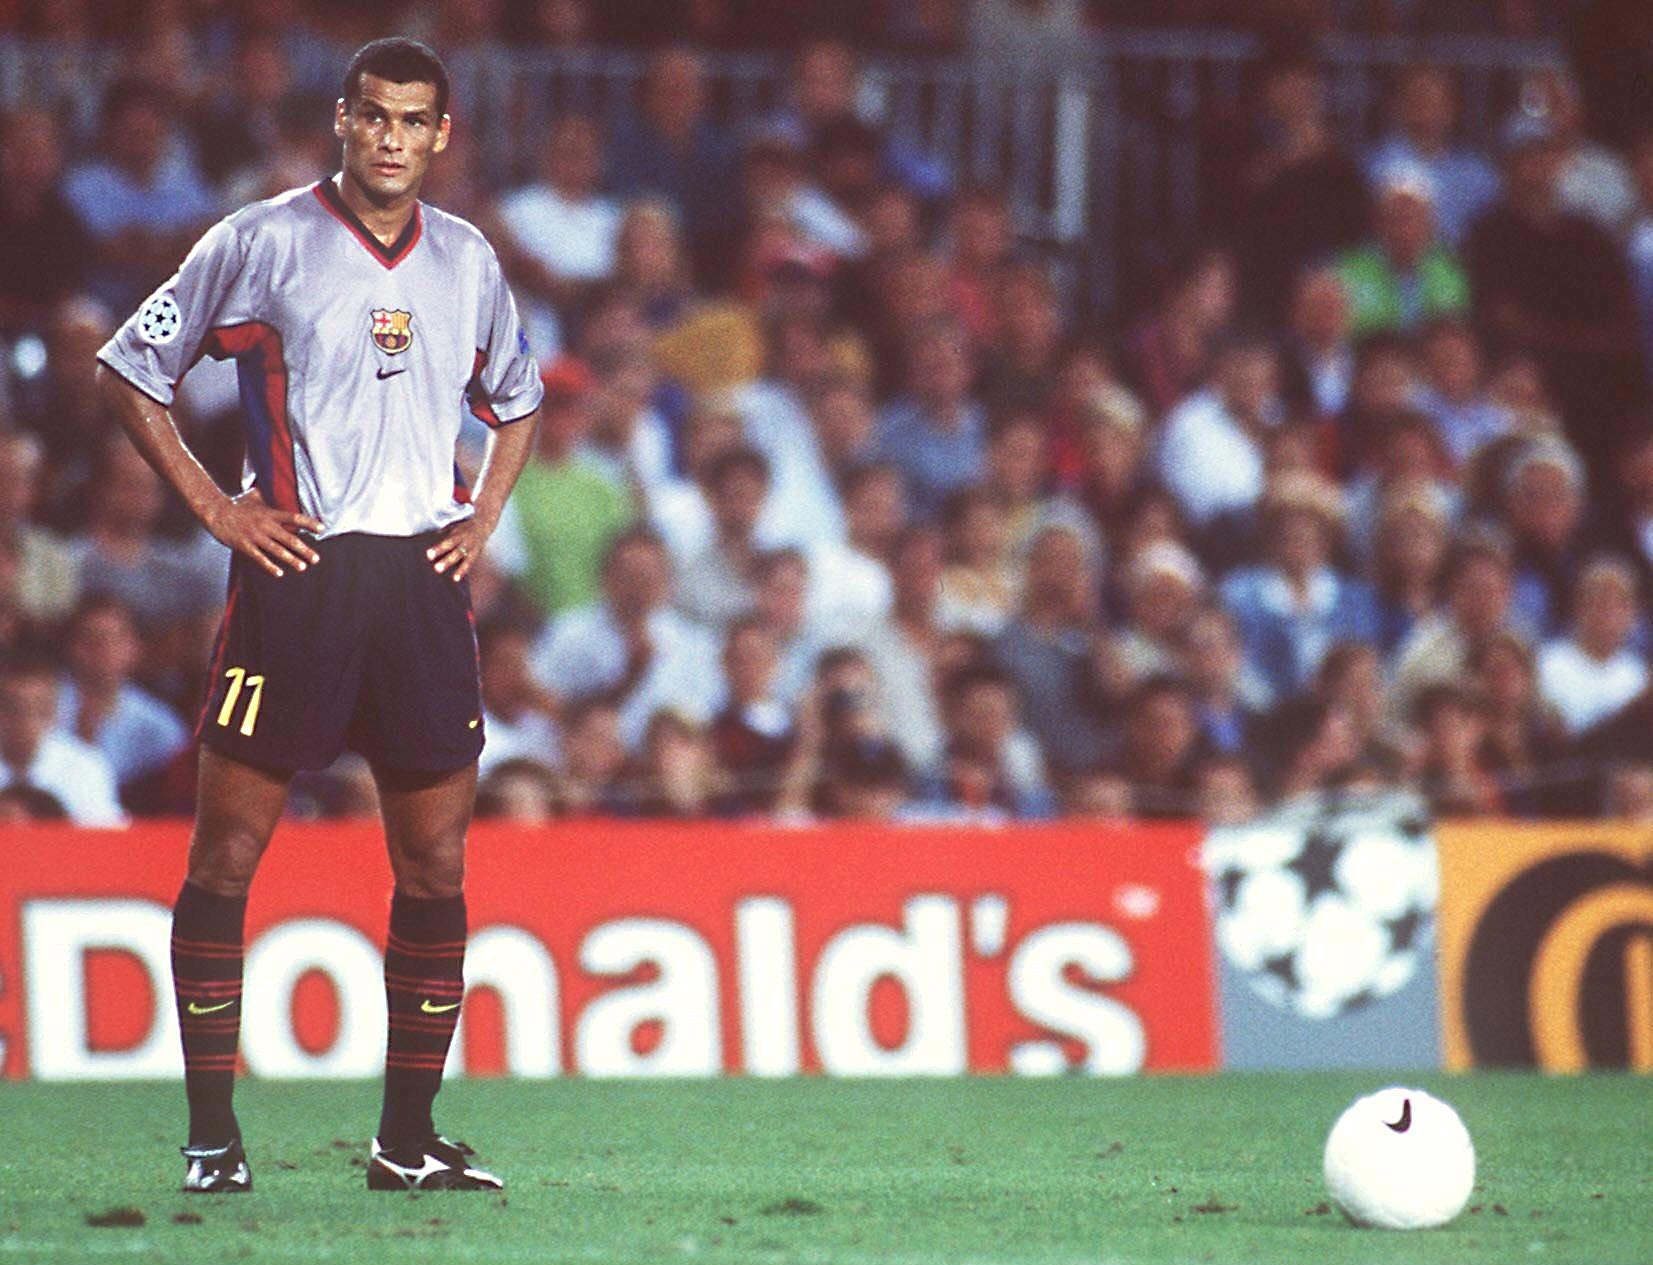 В 1996-м Ривалдо зажигал в «Депортиво». Он вывел клуб в Кубок УЕФА, но весь год мечтал только о «Барселоне»